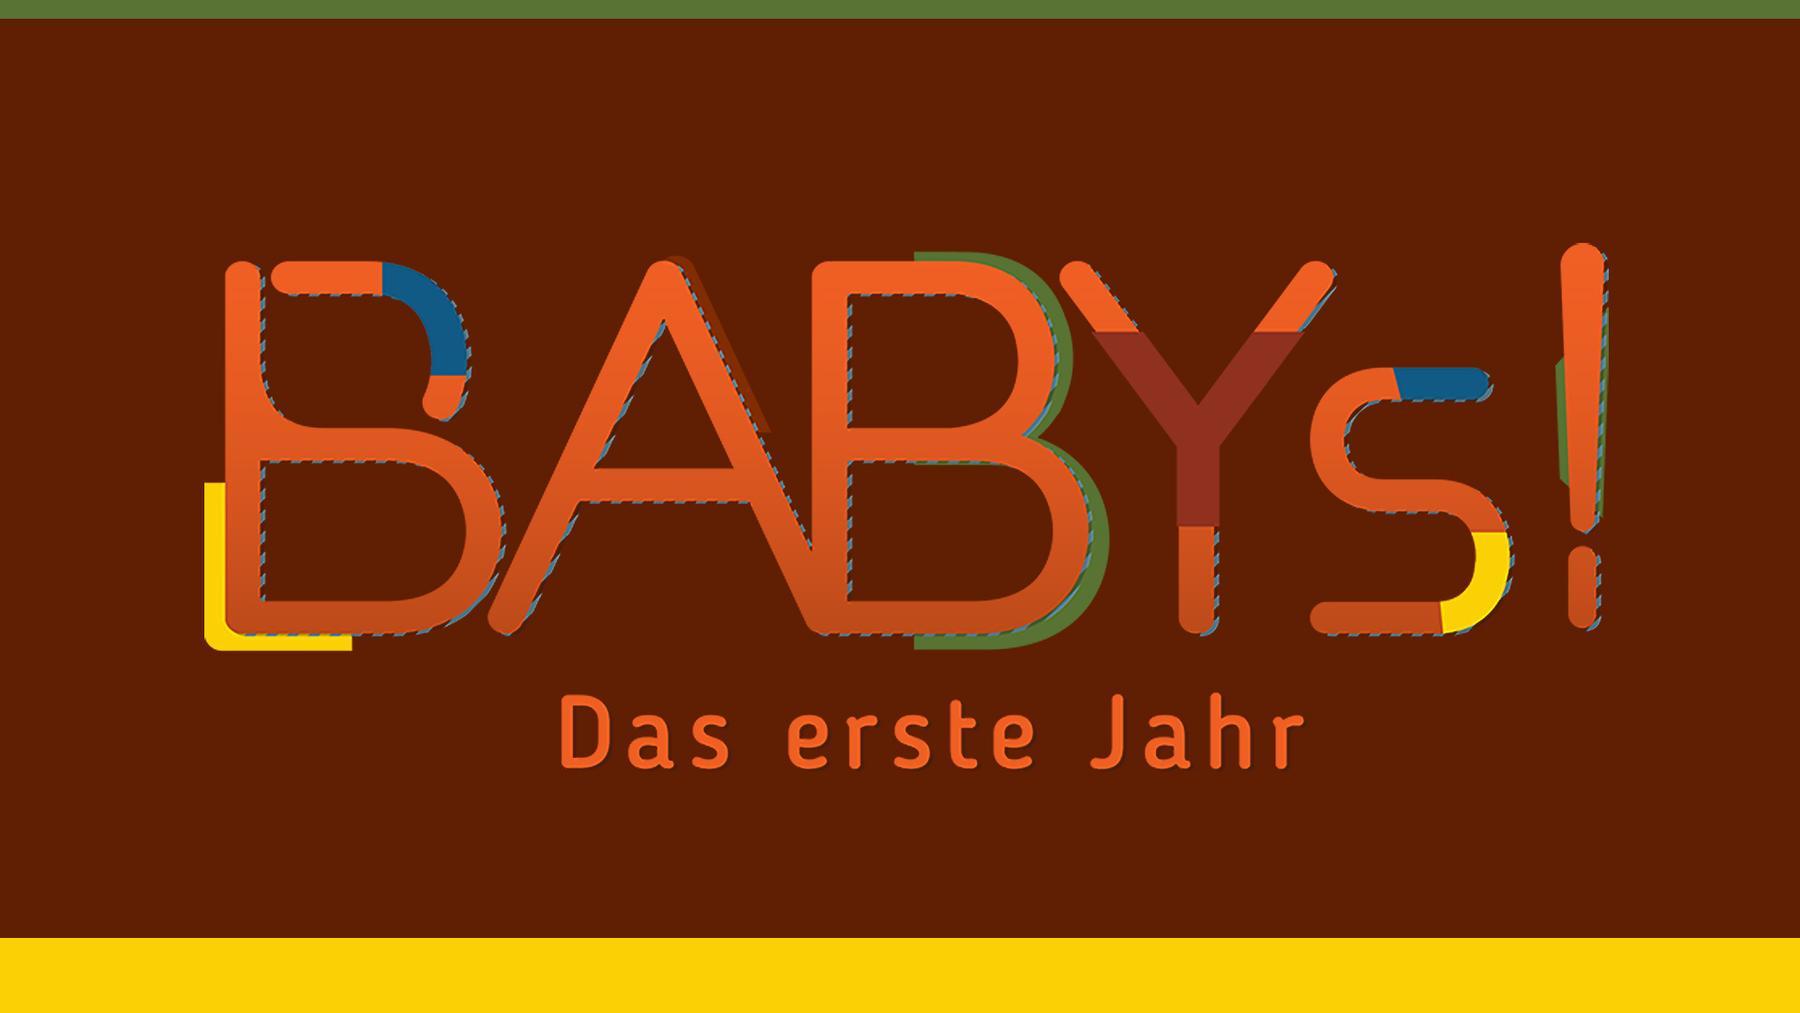 BABYs! Das erste Jahr